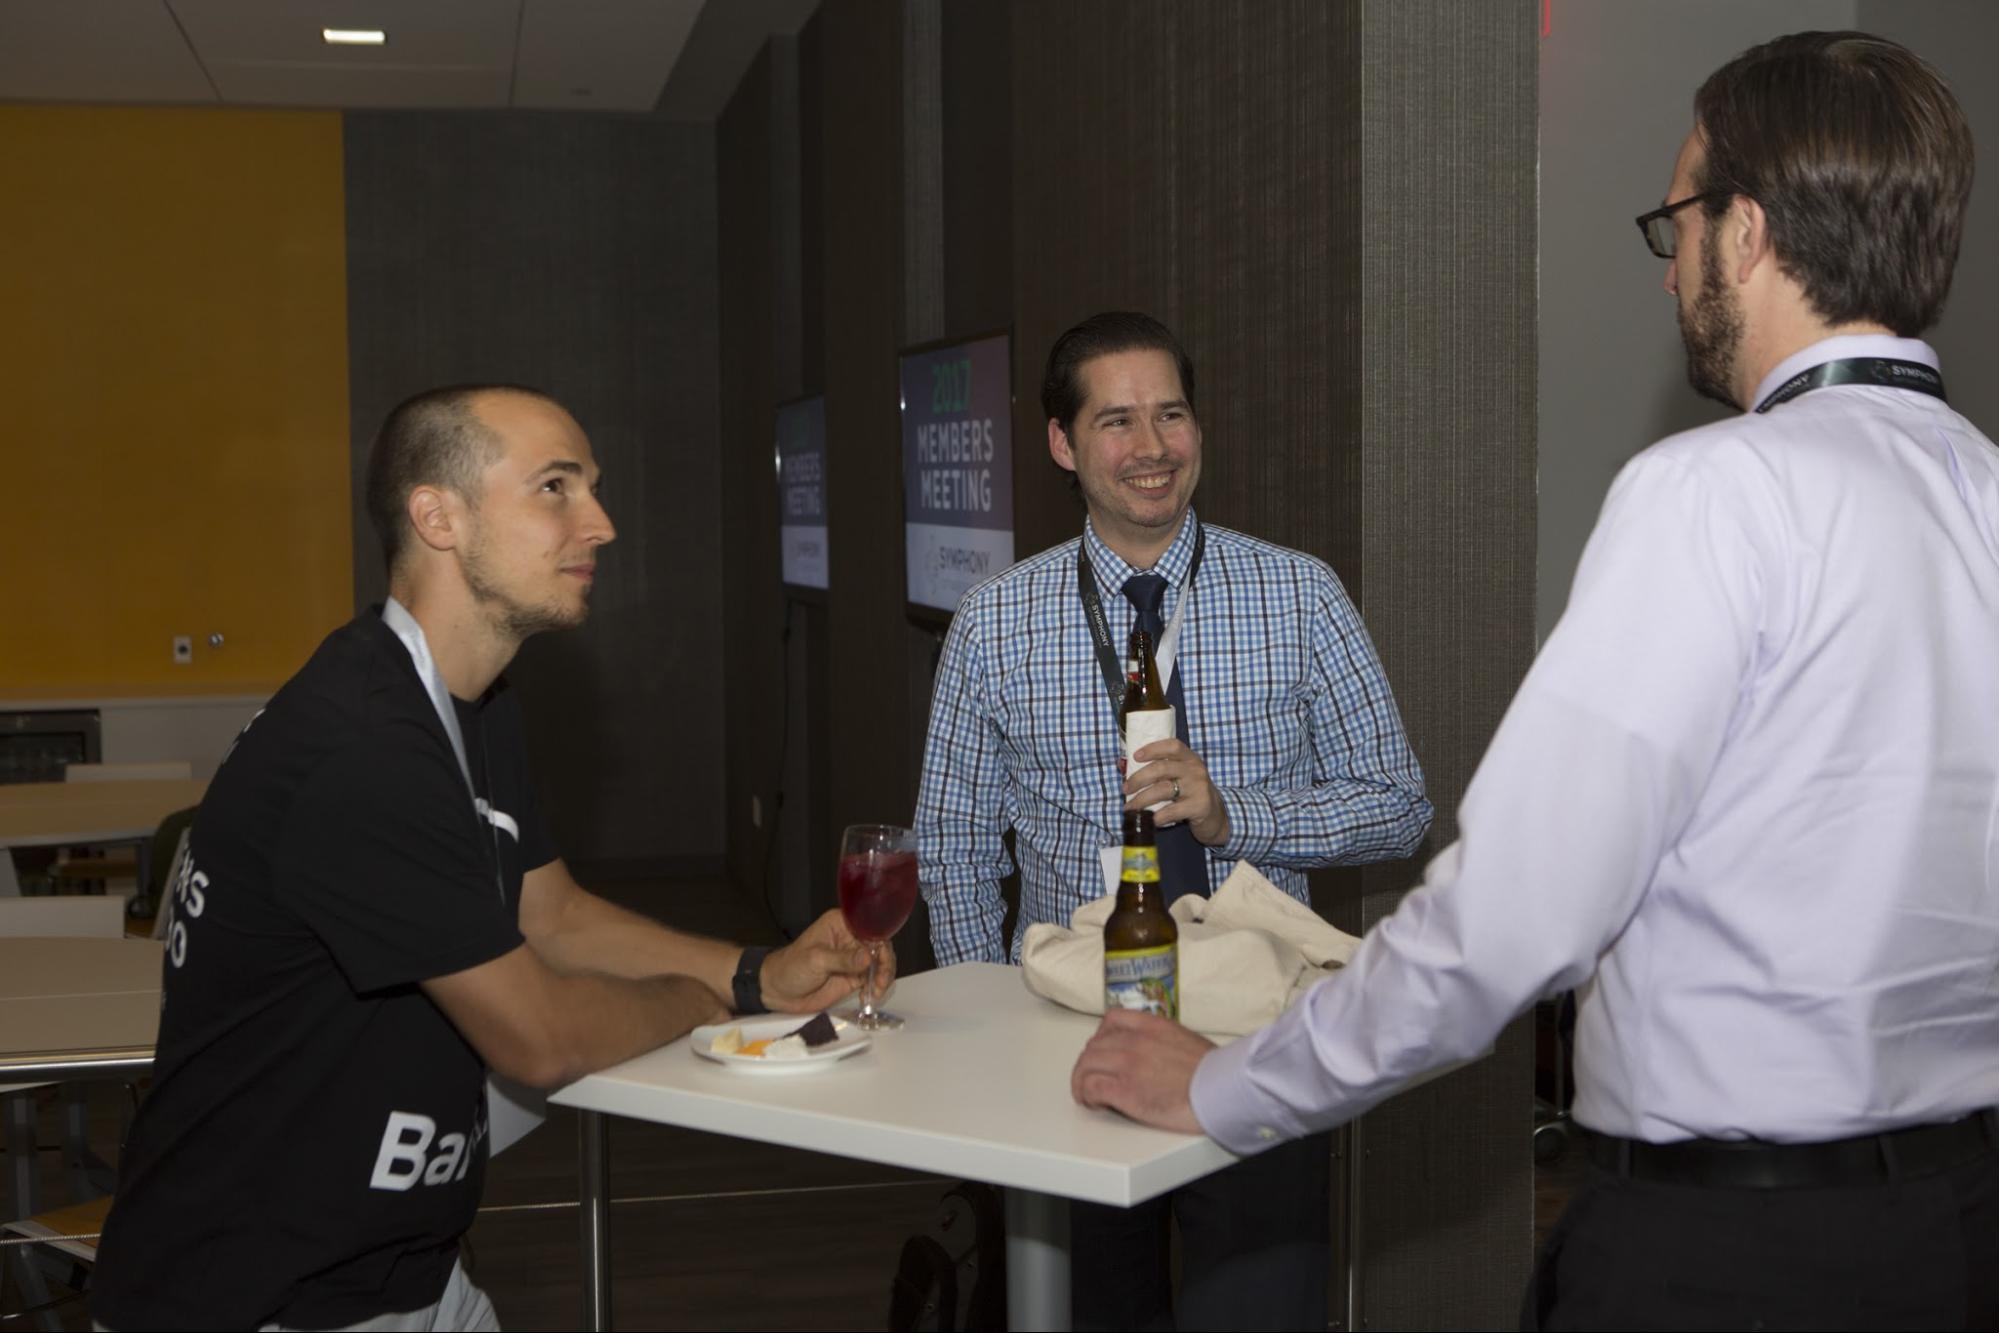 Members Meeting Networking